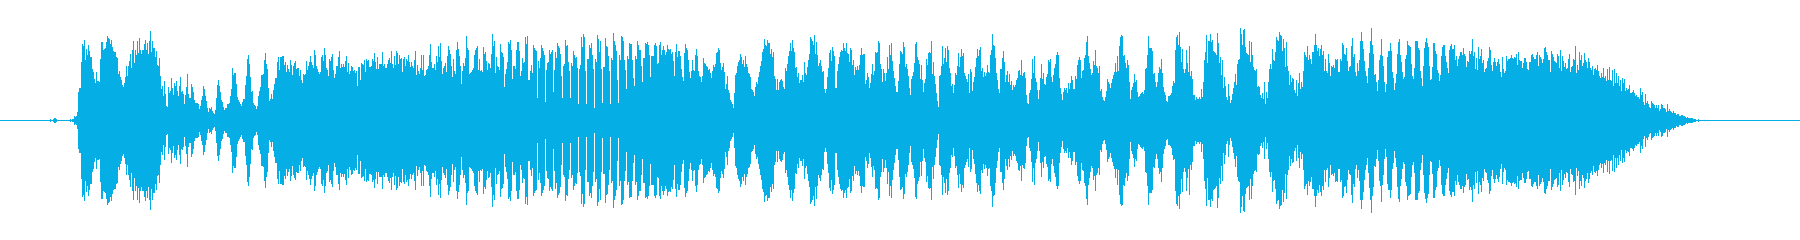 怒っているサイバースイープ2の再生済みの波形